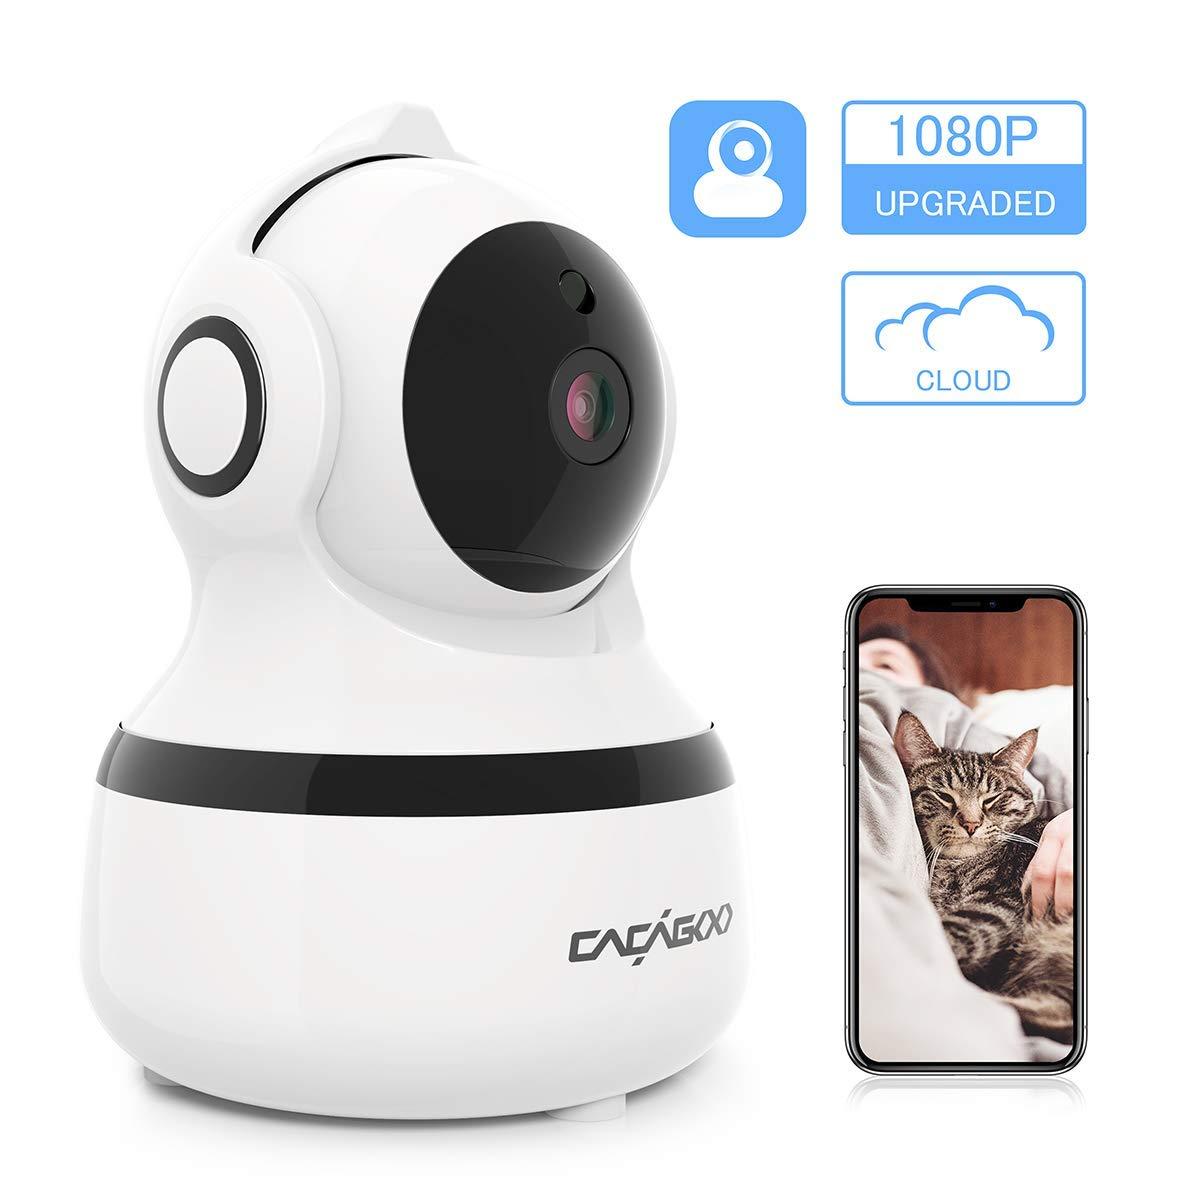 Cámara IP Wifi 1080P CACAG00,Cámara de Vigilancia Interior Inalámbrico 2.4G,almacenamiento en la nube,audio bidireccional,detección de movimiento con alarma,visión nocturna product image